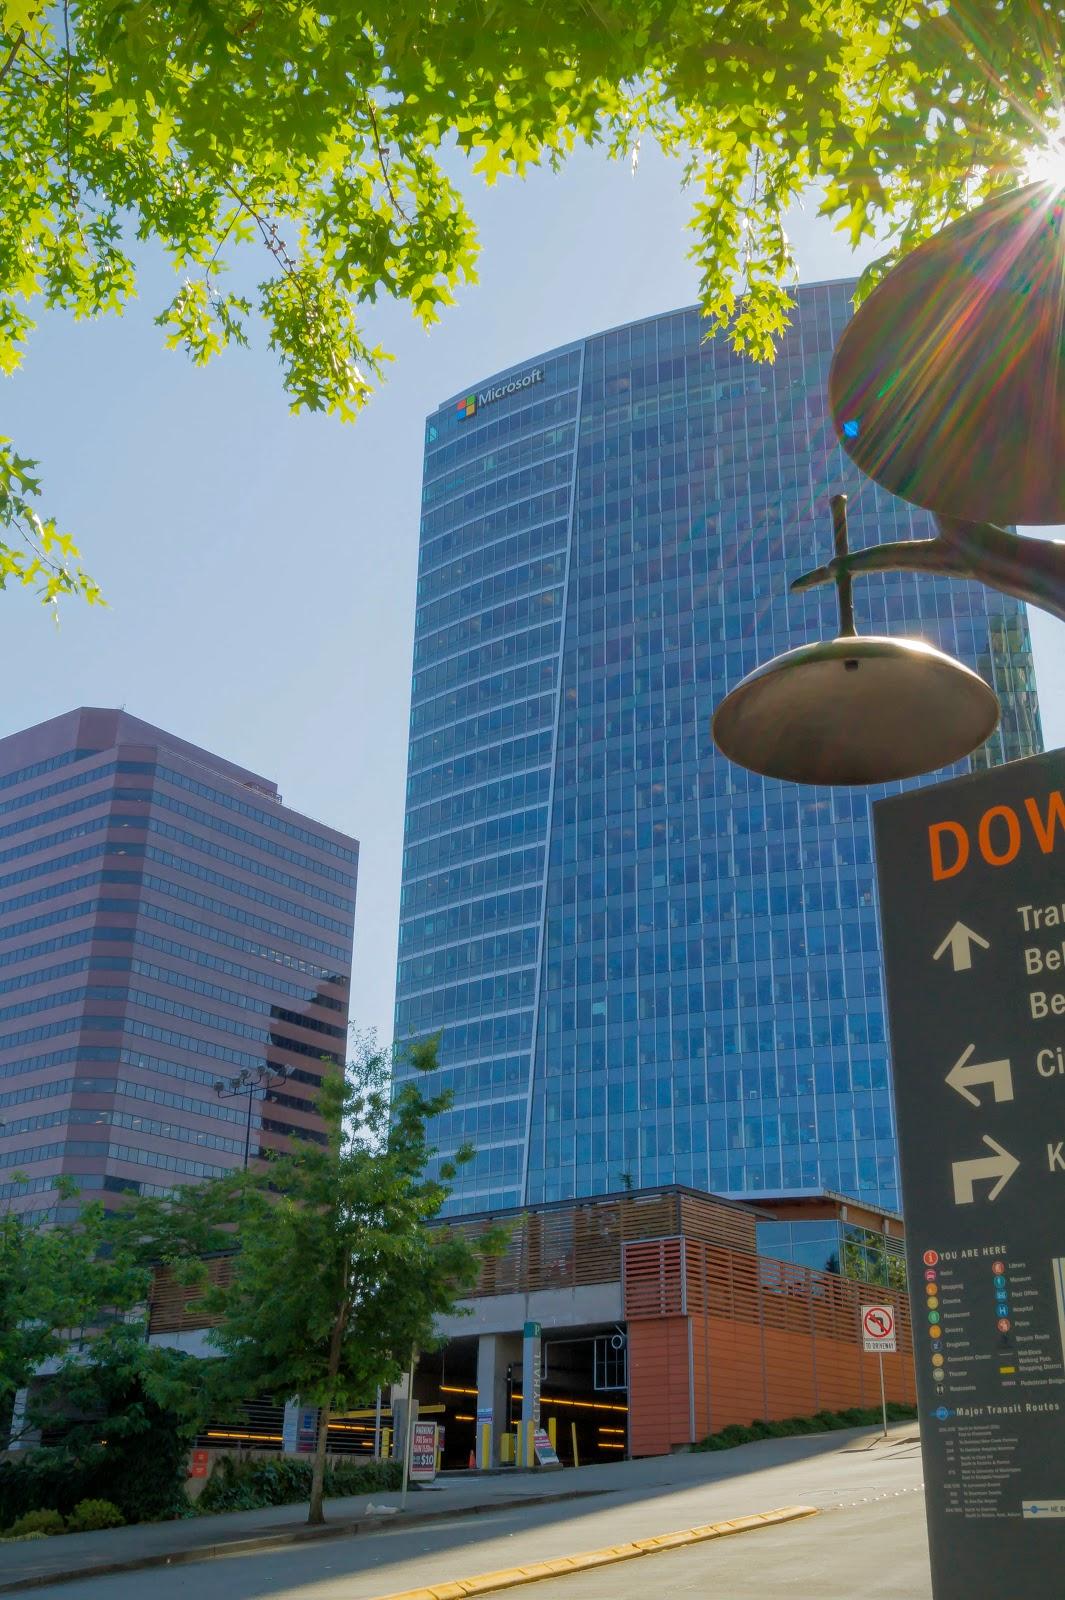 Первое, что бросается в глаза при въезде в центр города, - небоскрёб Майкрософт, крупнейшее представительство компании с количеством сотрудников 7500 человек.